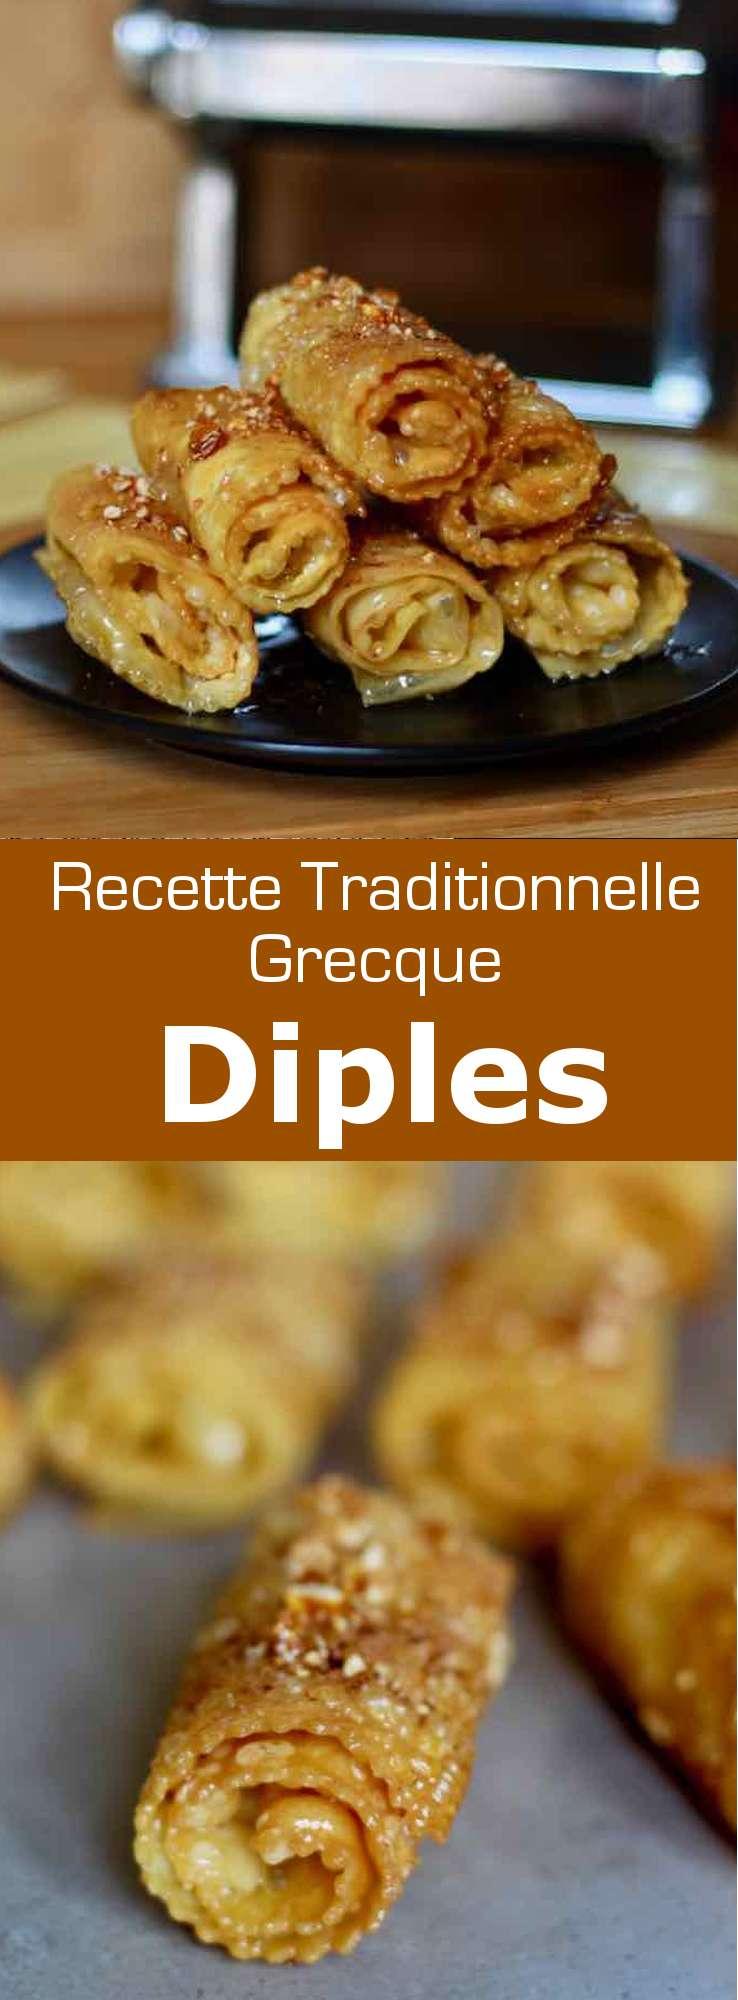 Lesdiples(ou thiples) sont une pâtisserie typique de lacuisine grecque du Péloponnèse, composés de pâte aux oeufs friteet plongée dans un sirop de sucre et de miel, saupoudrés de noix concassées et decannelle. #Grece #RecetteGrecque #CuisineGrecque #CuisineMediterraneenne #CuisineDuMonde #196flavors